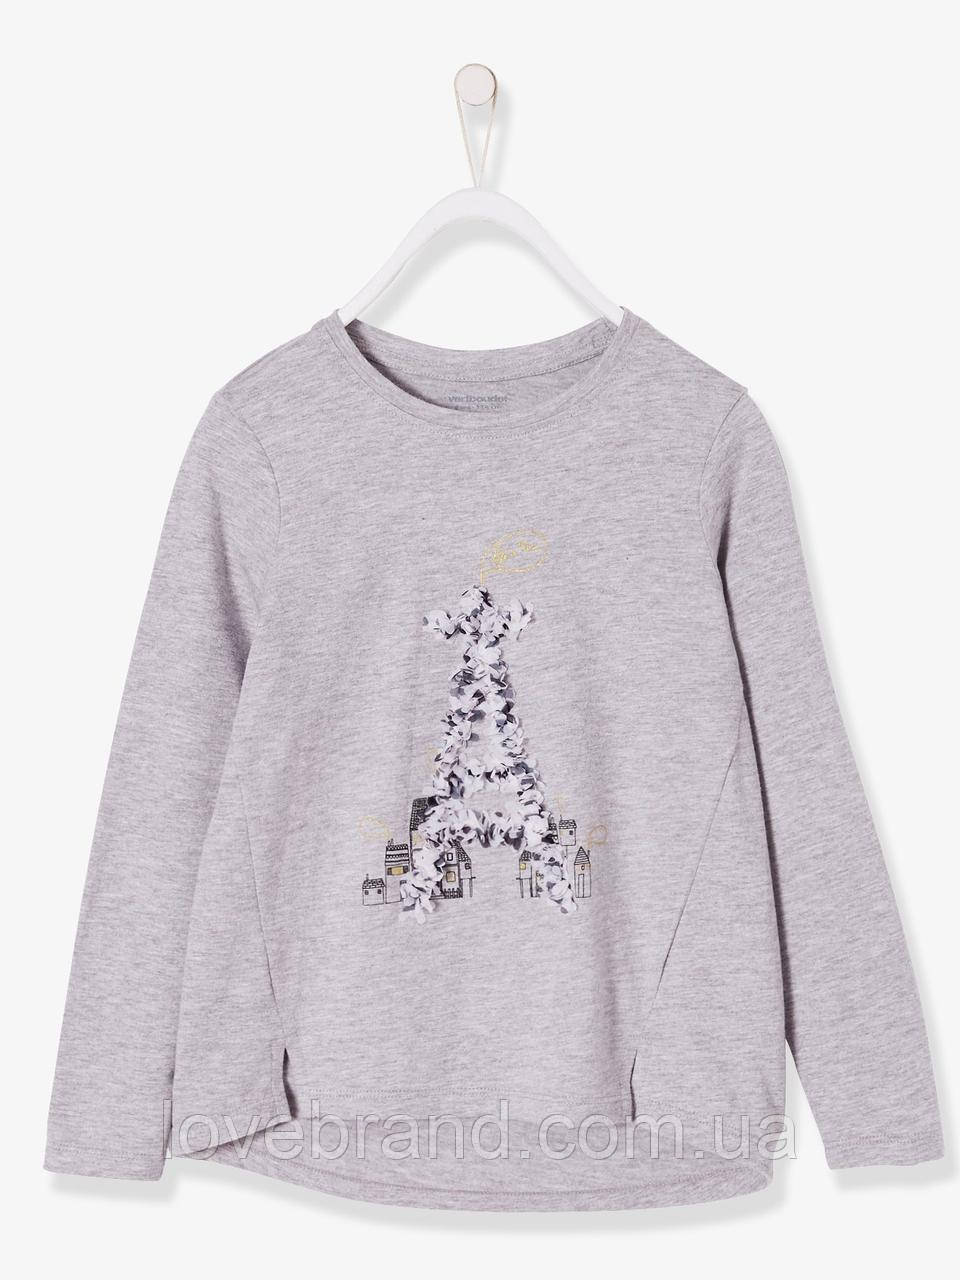 """Качественный реглан для девочки Verbaudet (Франция) серый """"Эйфелевая башня"""" легкая кофточка на весну/осень"""